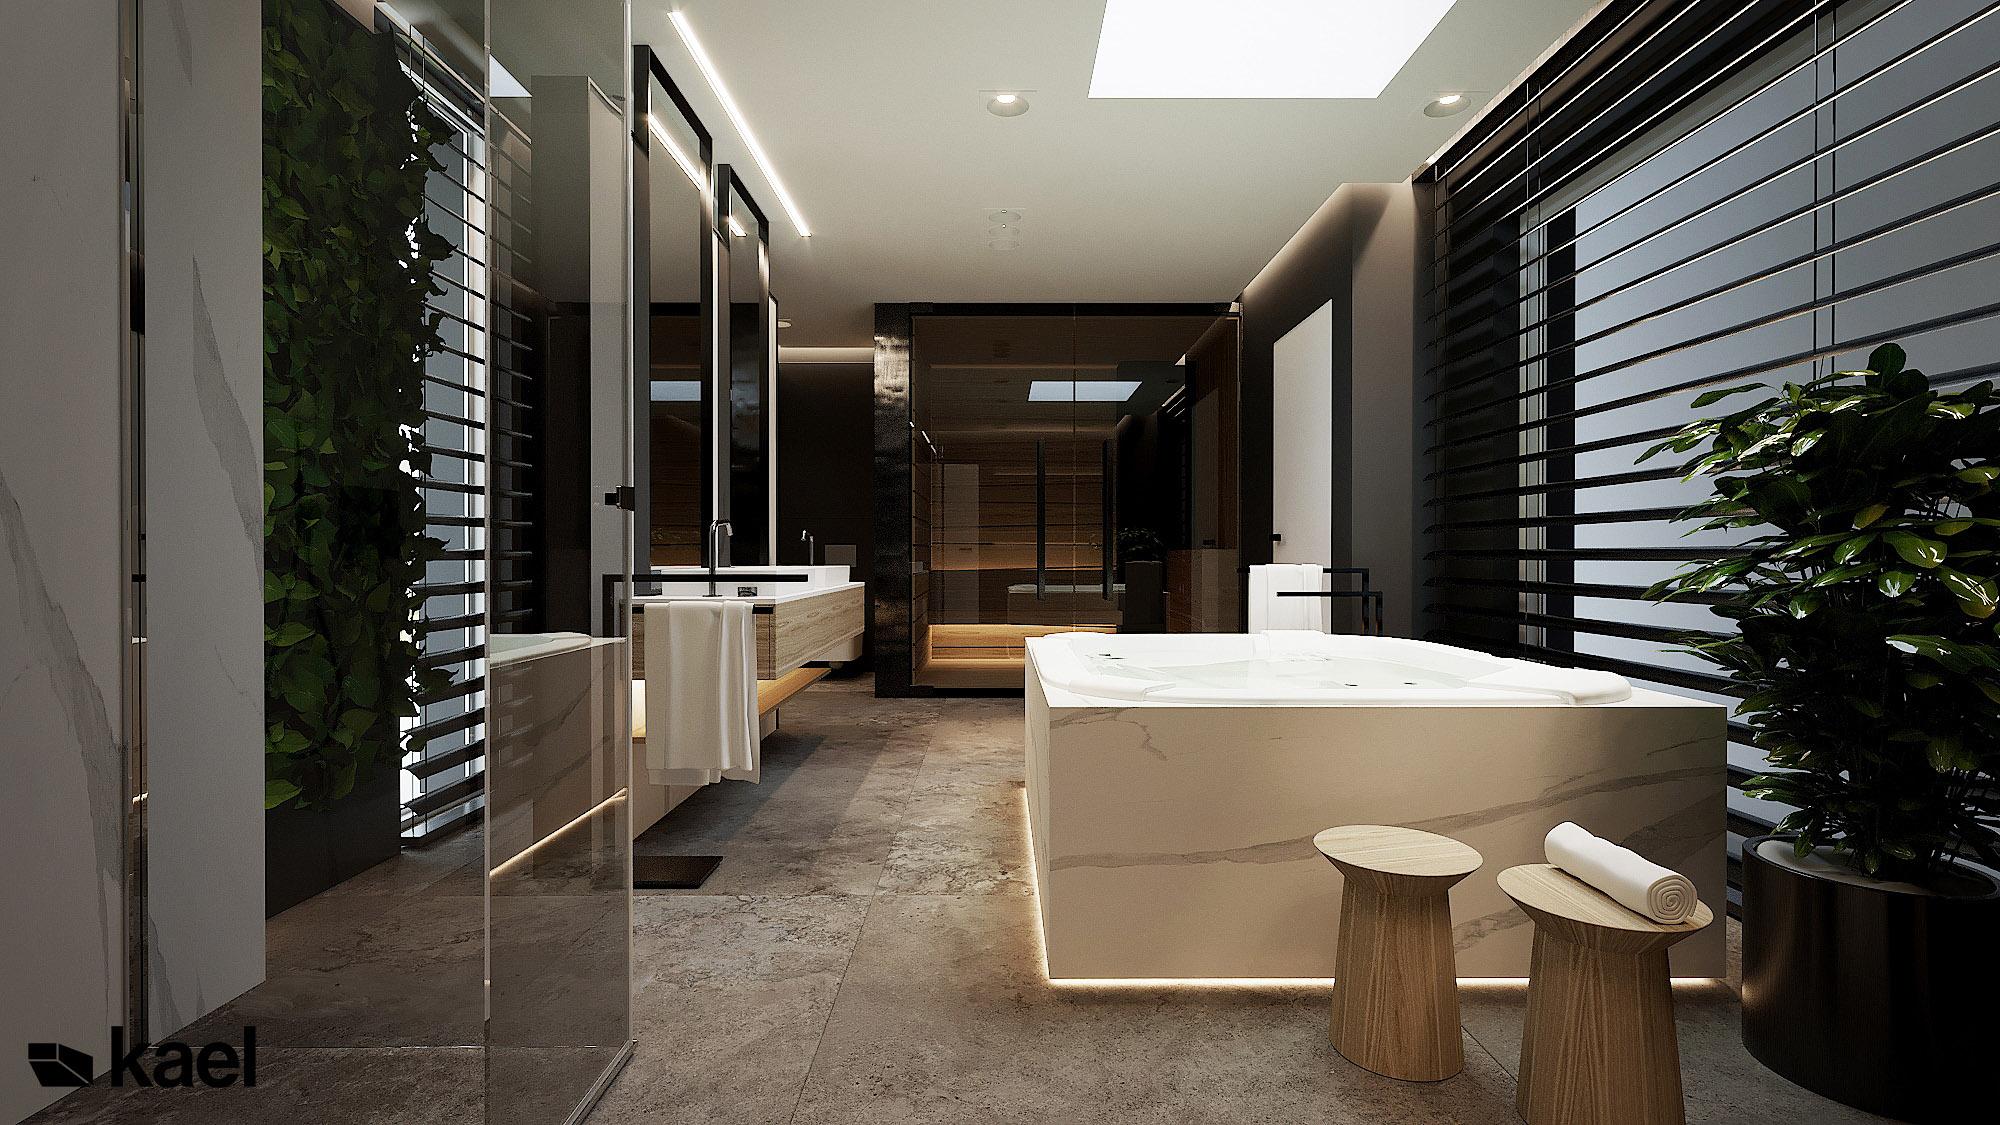 łazienka z wanną - Wachowska - projekt wnętrza domu jednorodzinnego - Kael Warszawa